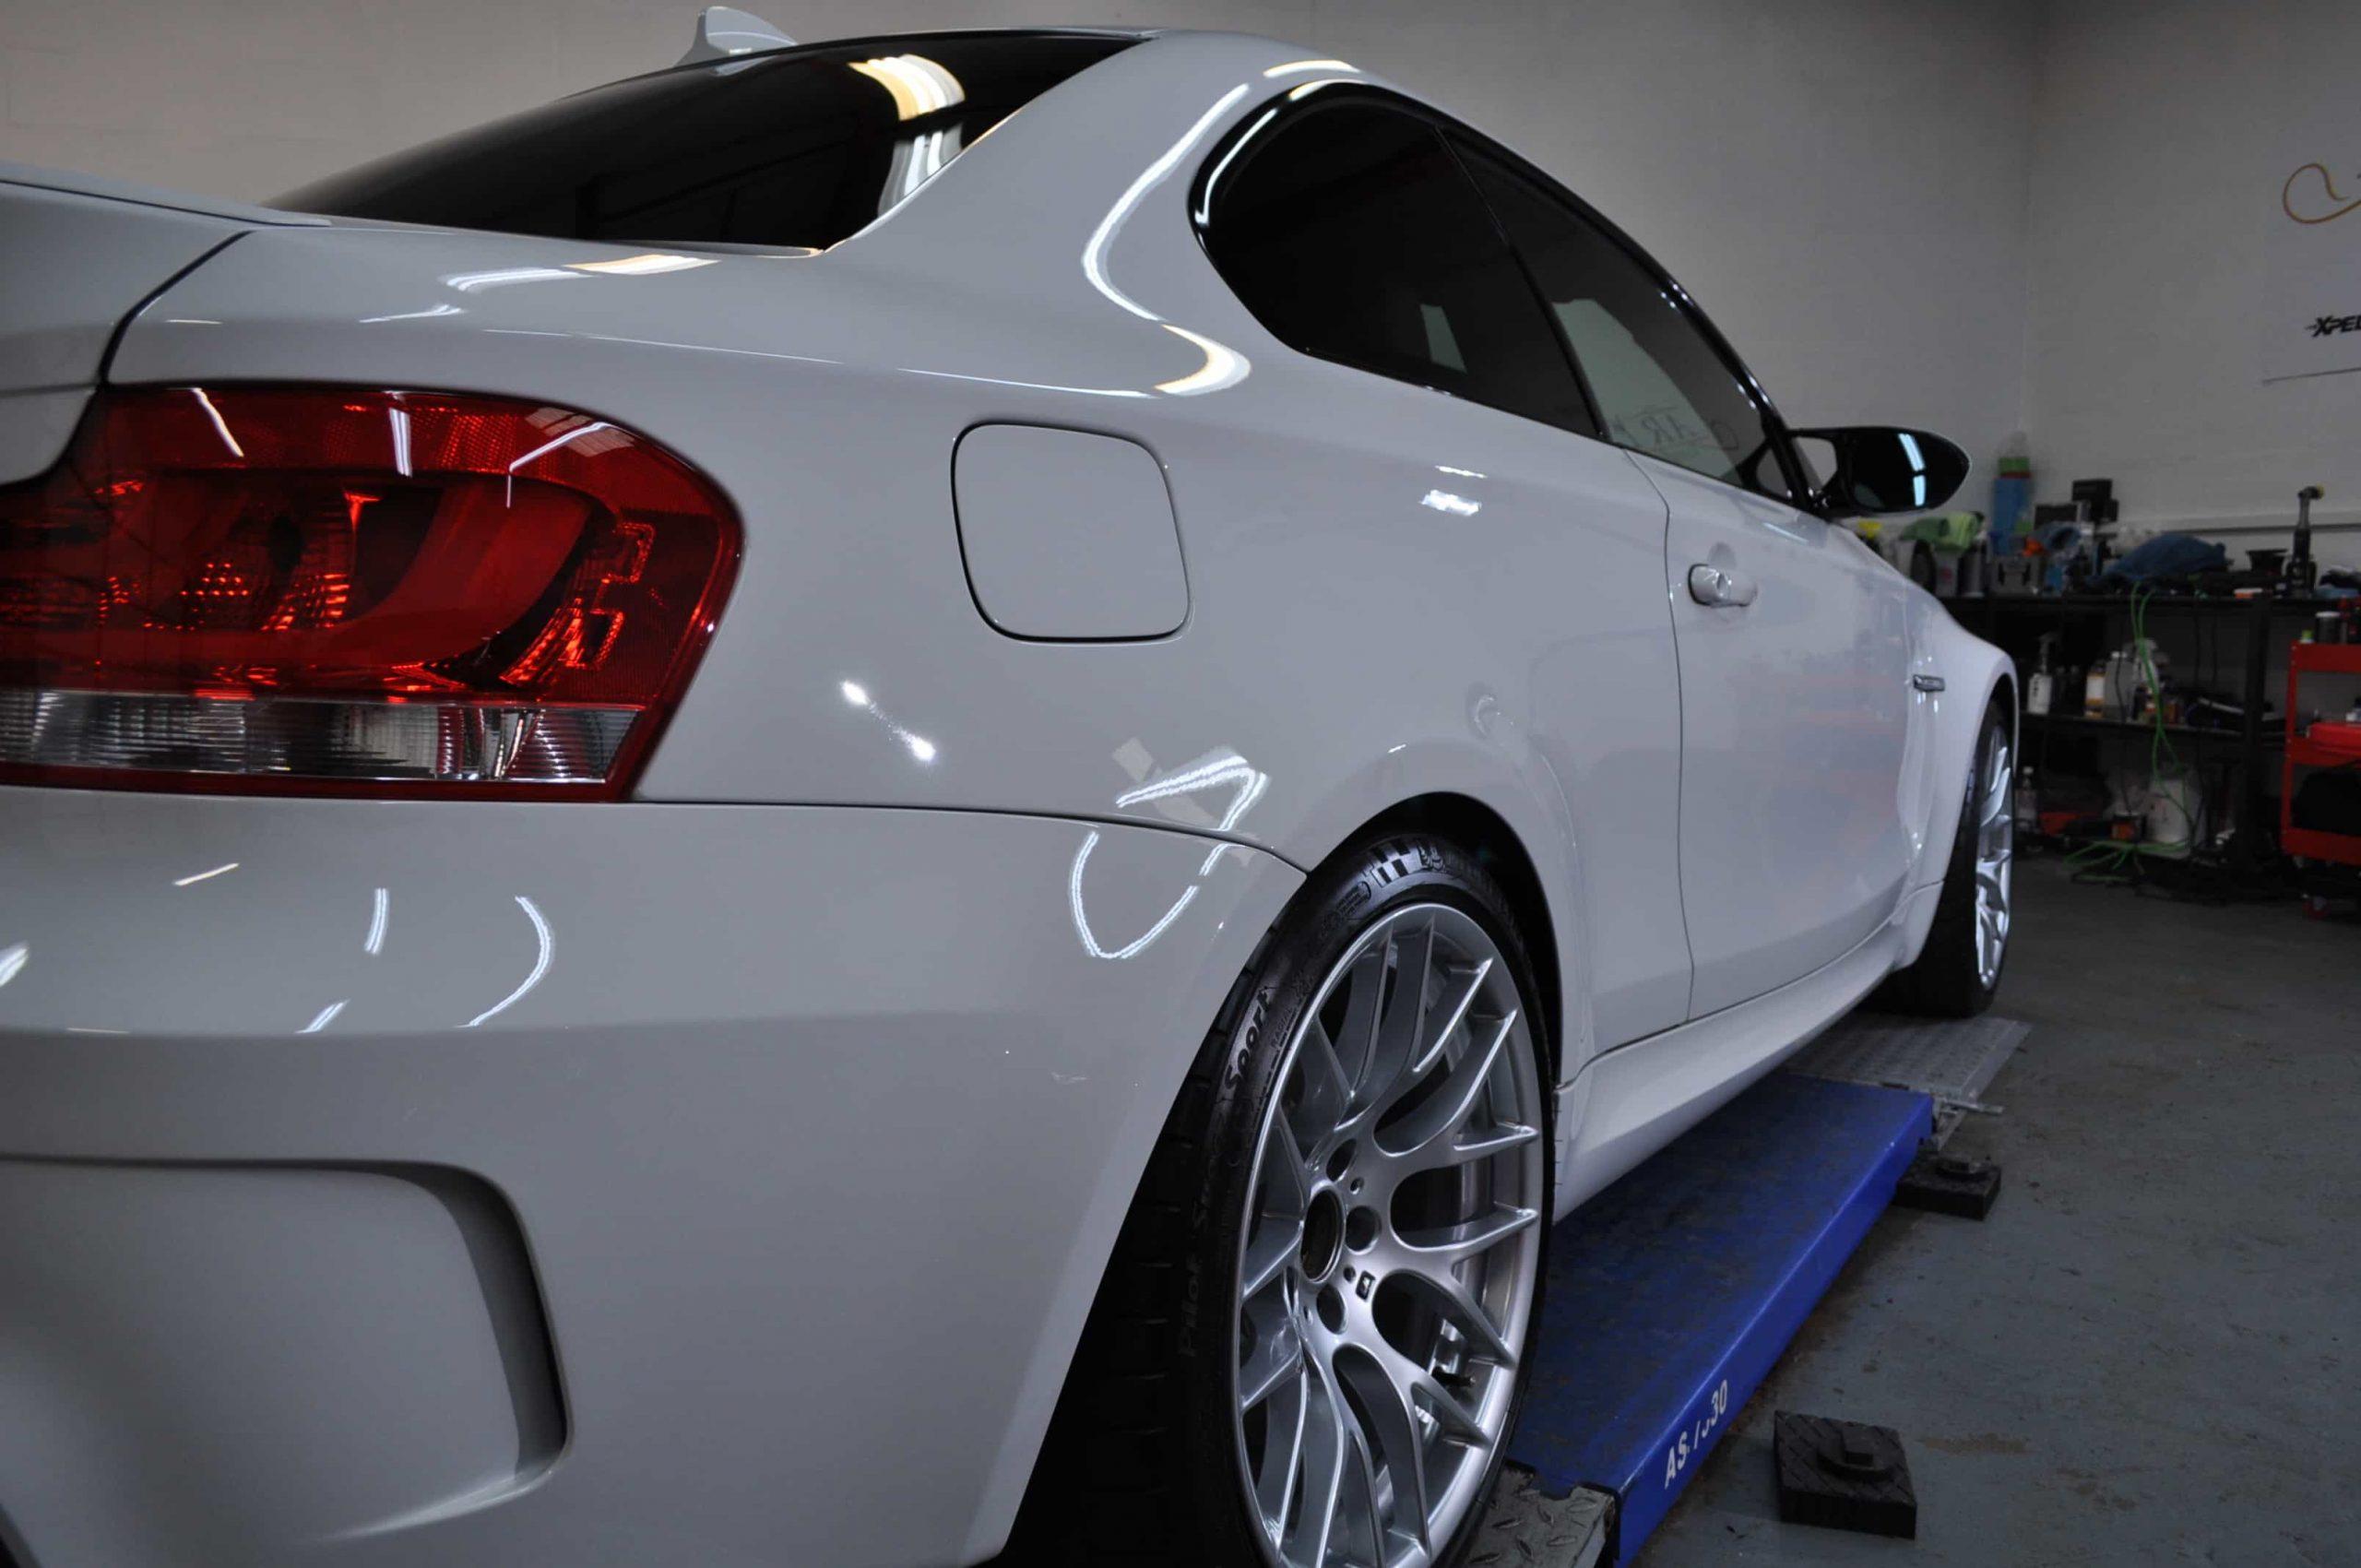 White BMW Detailing